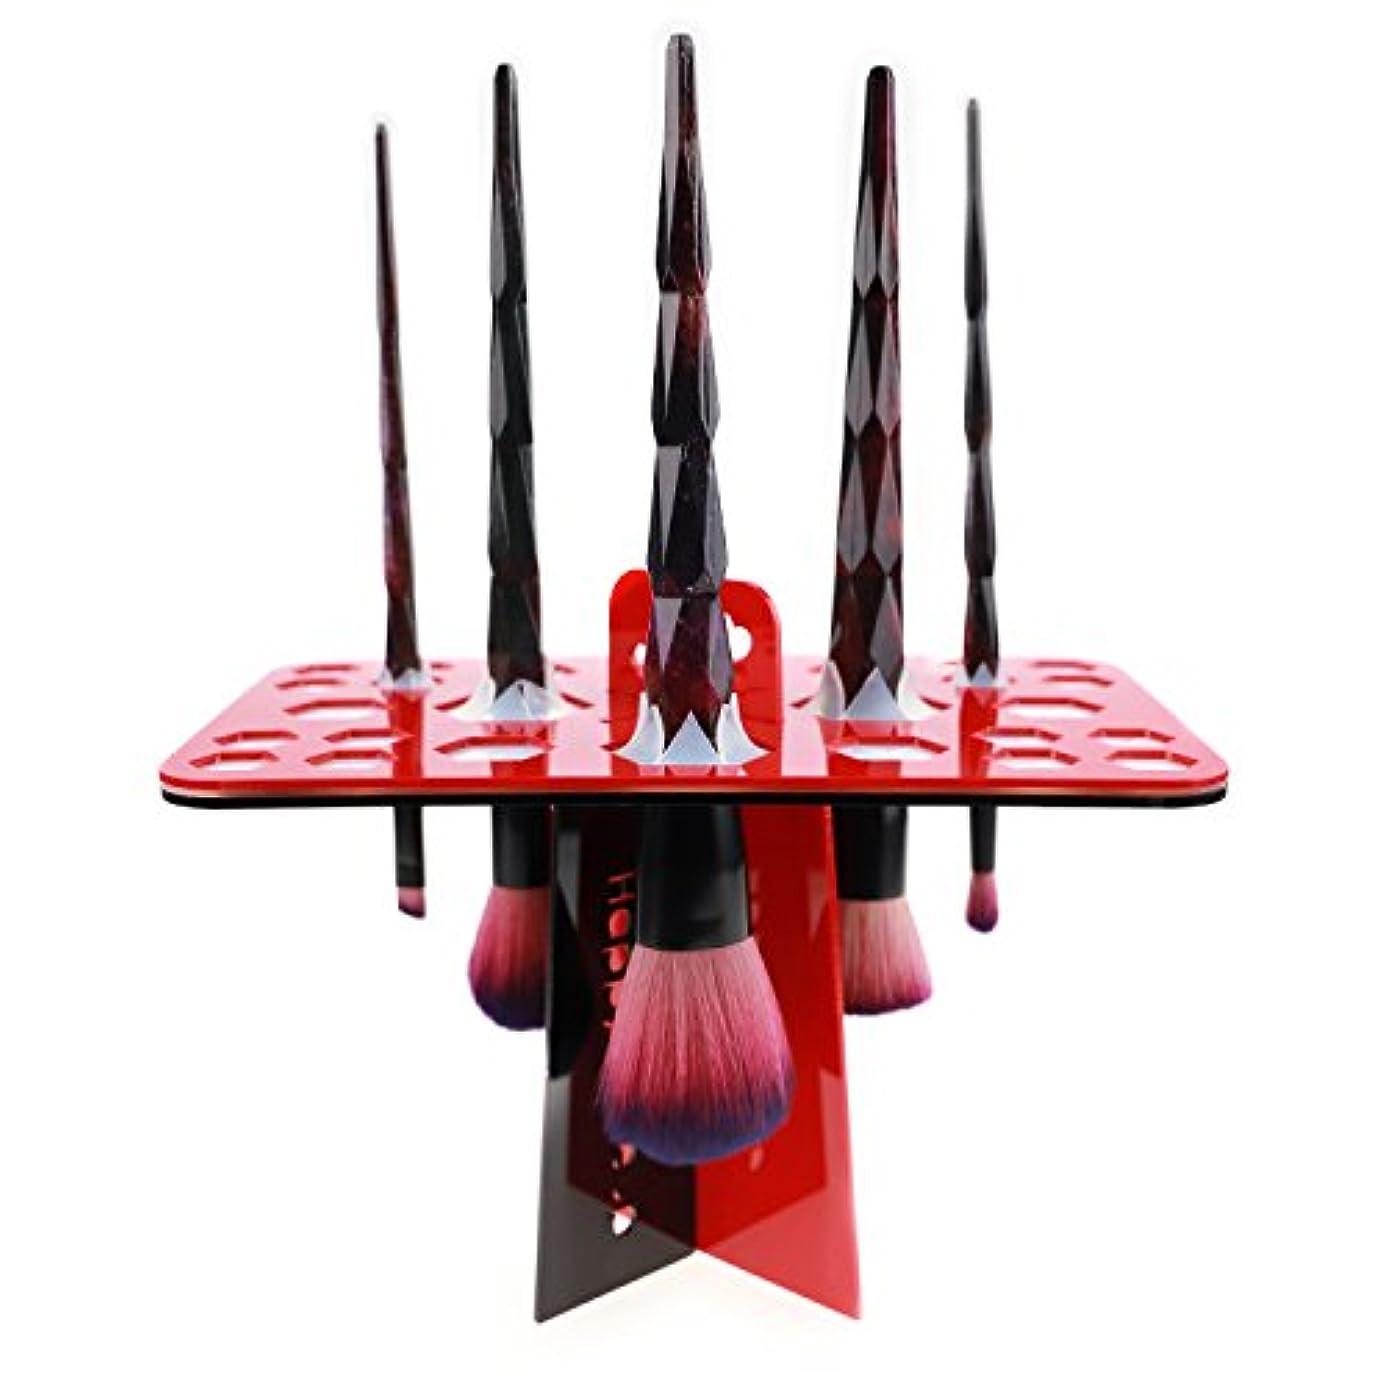 ヒューバートハドソンオーブン挽くメイクブラシスタンド 赤 化粧ブラシスタンド アクリル製 折畳み可 26本収納 レッド